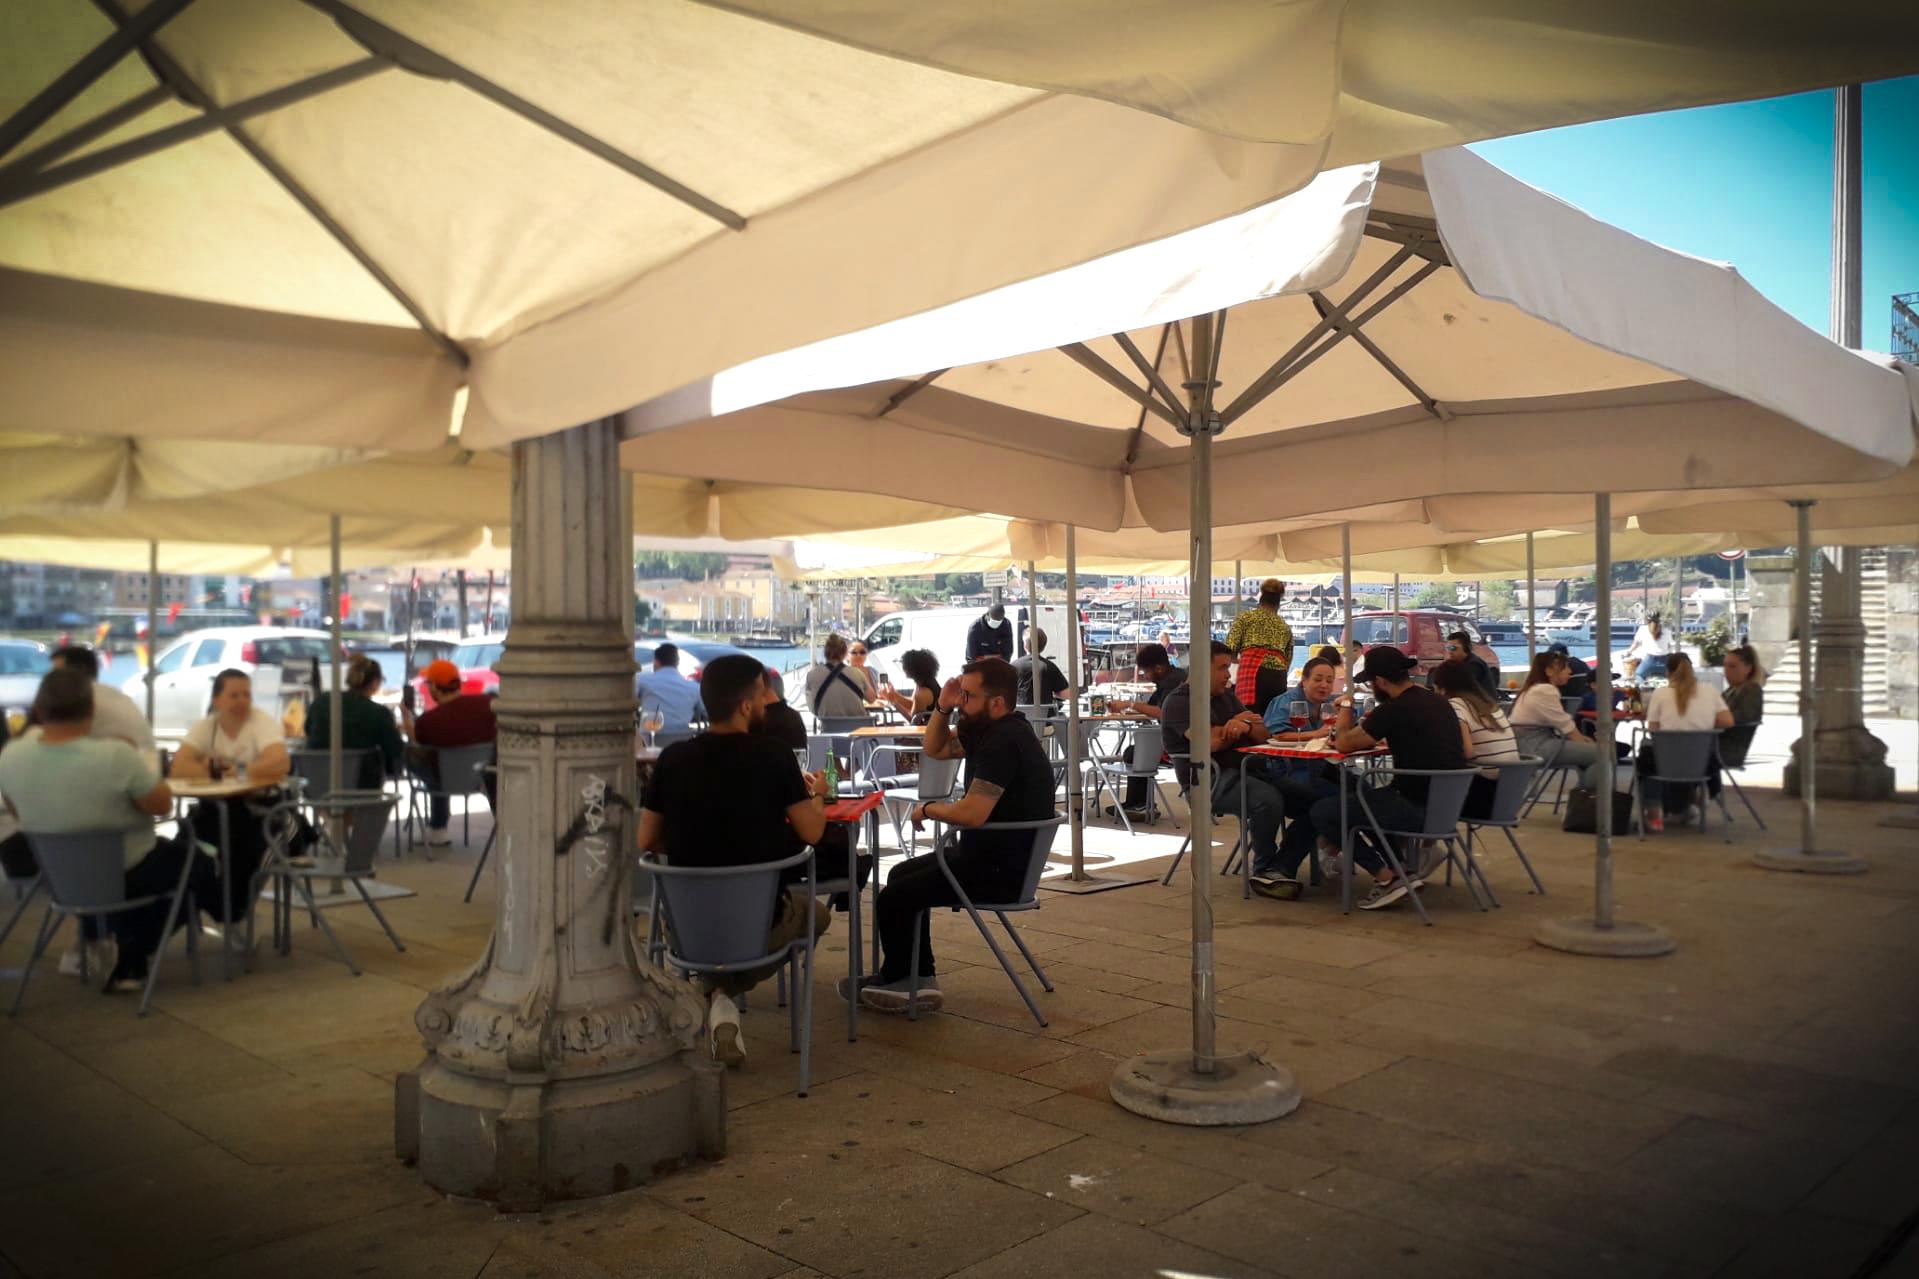 Comércio e esplanadas dos restaurantes reabrem após confinamento - 05ABR21